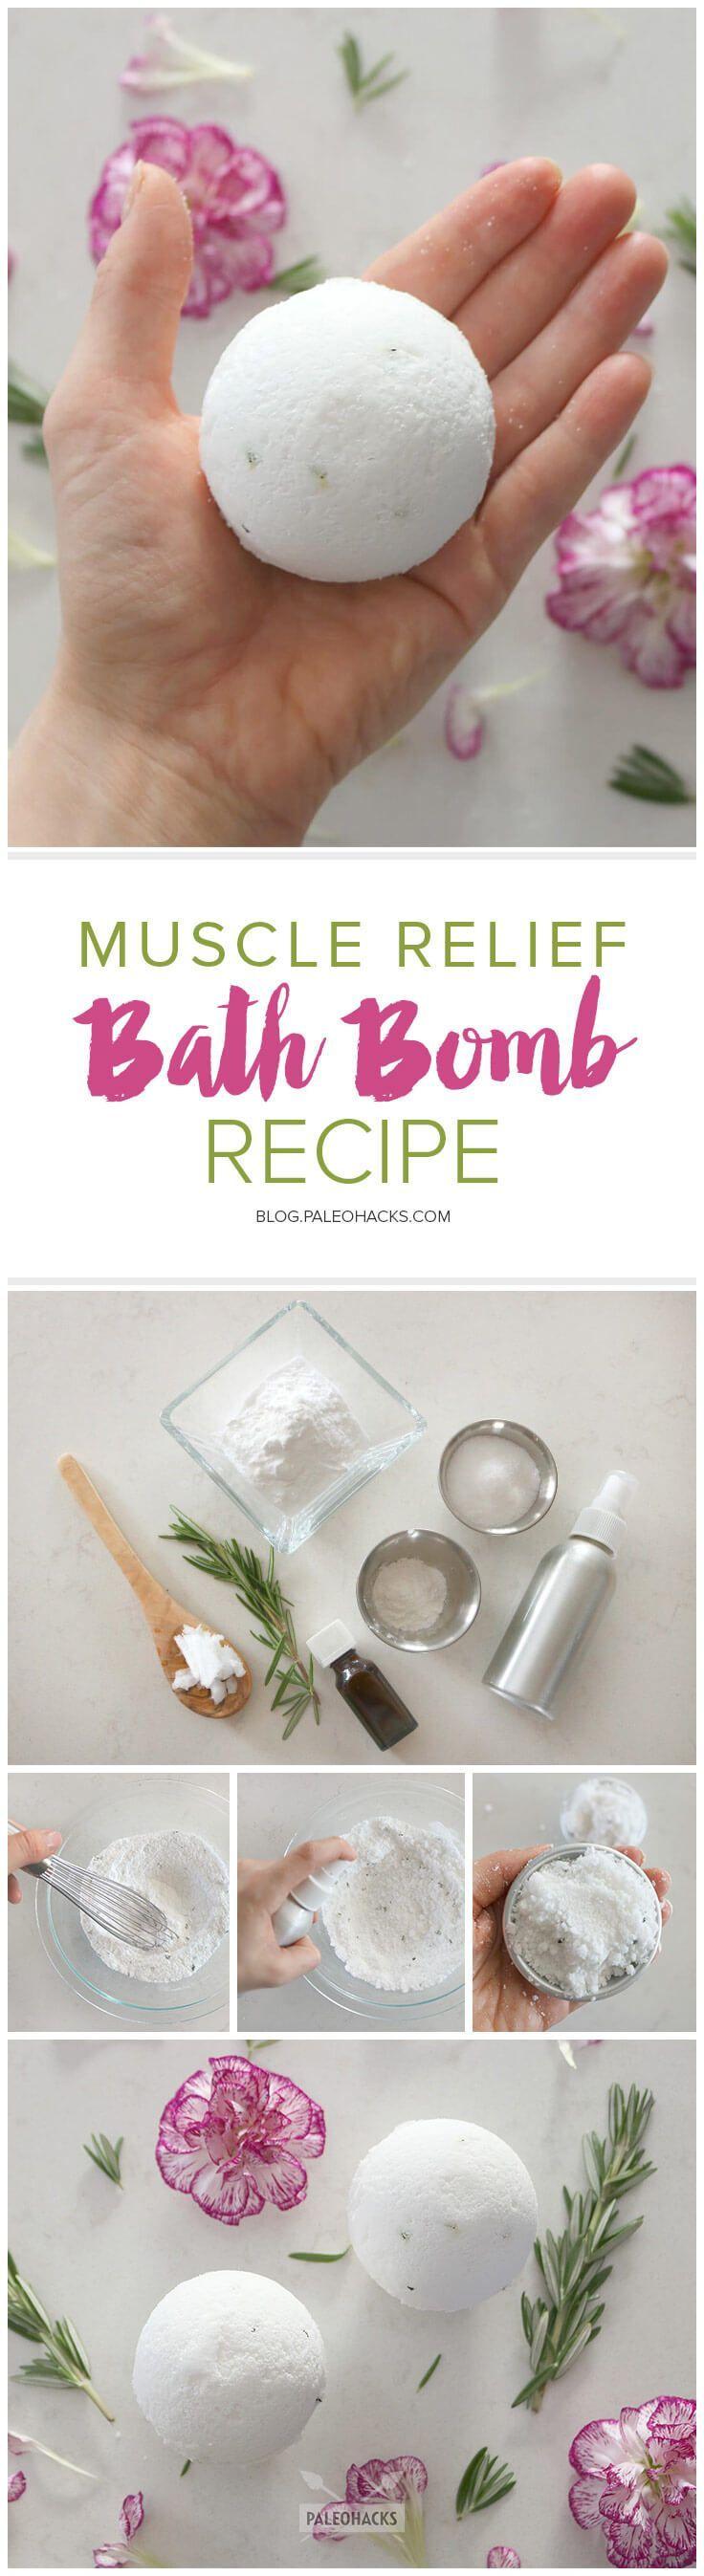 best 25+ relaxing bath ideas on pinterest | epsom salt bath detox